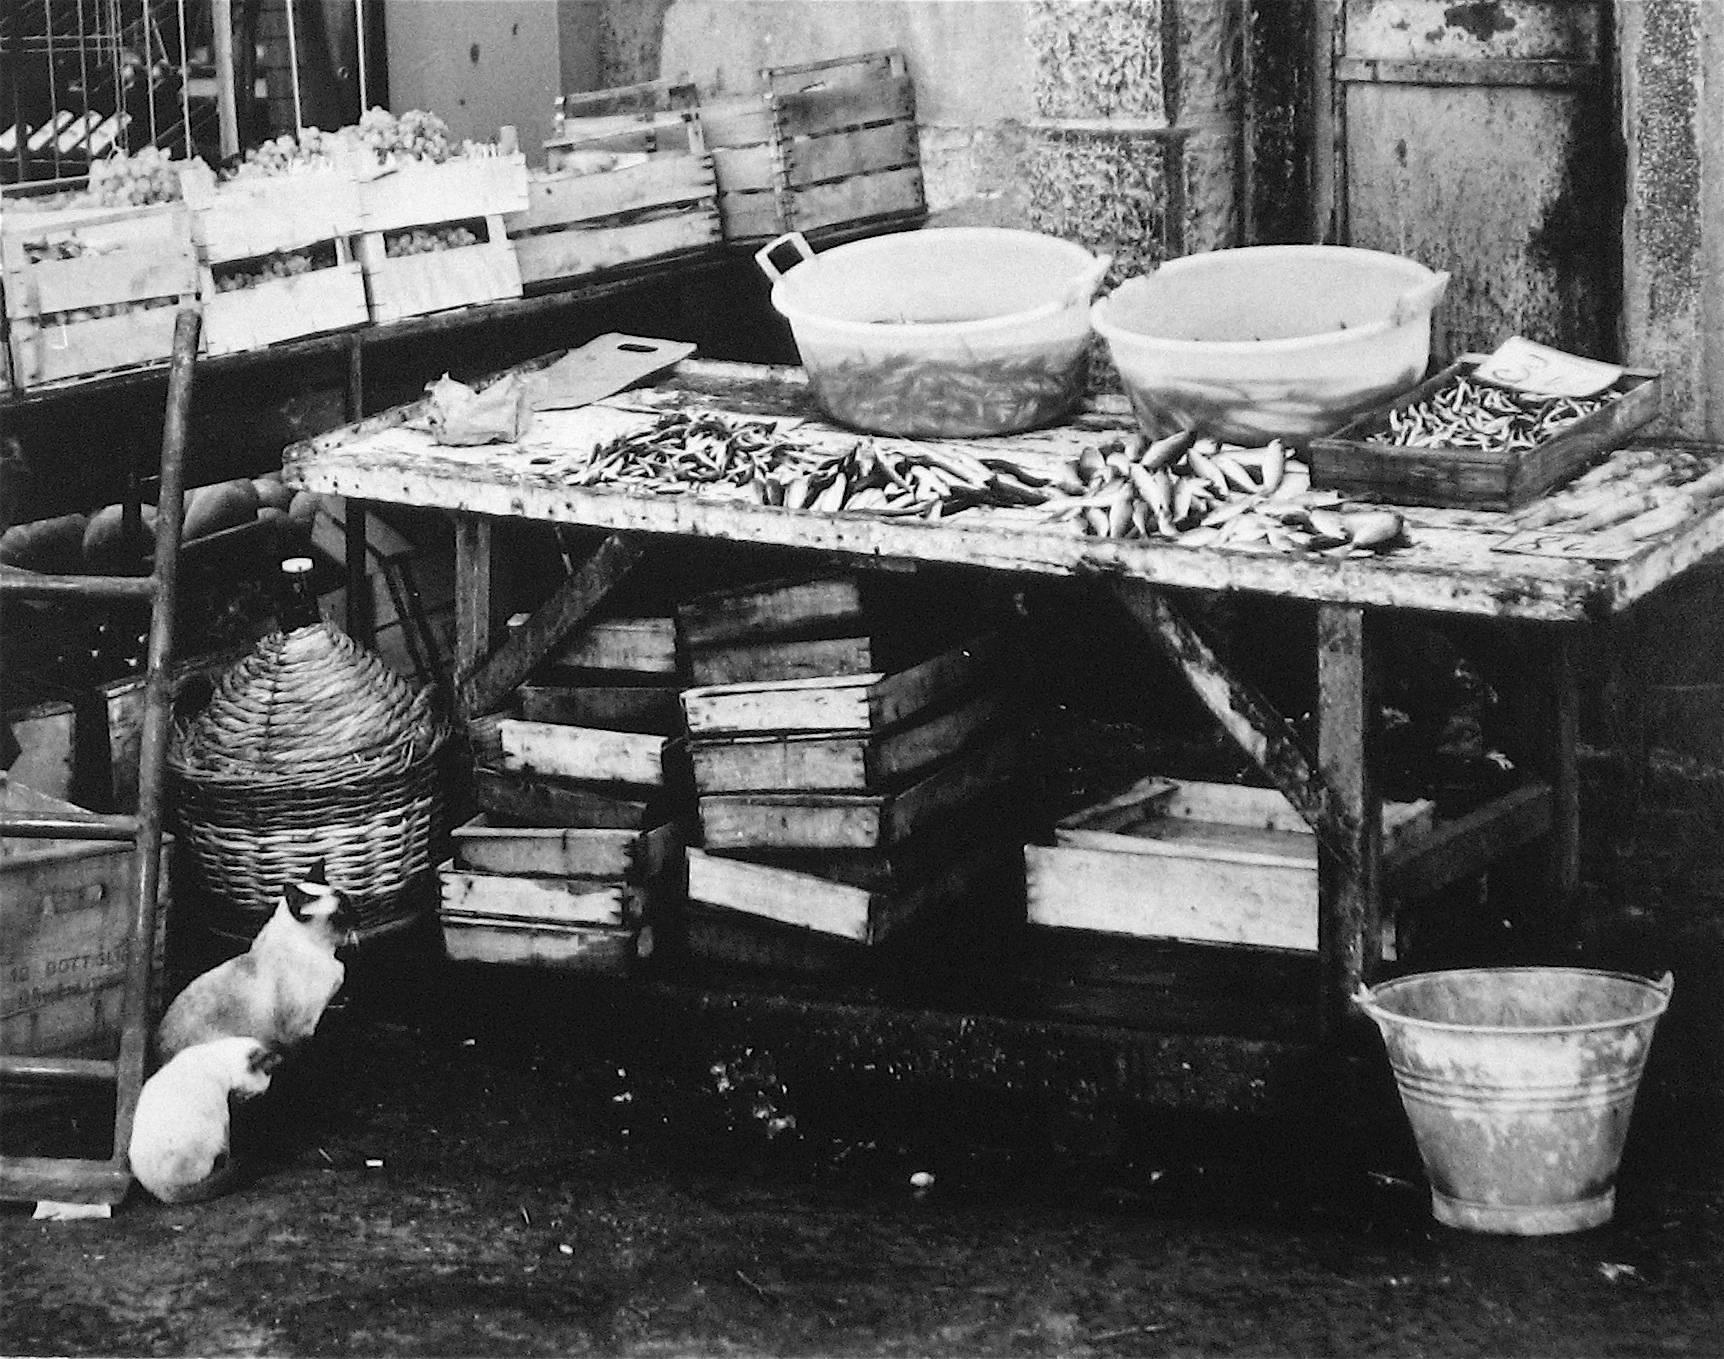 Roz joseph portuguese market scene black and white photograph 1960s